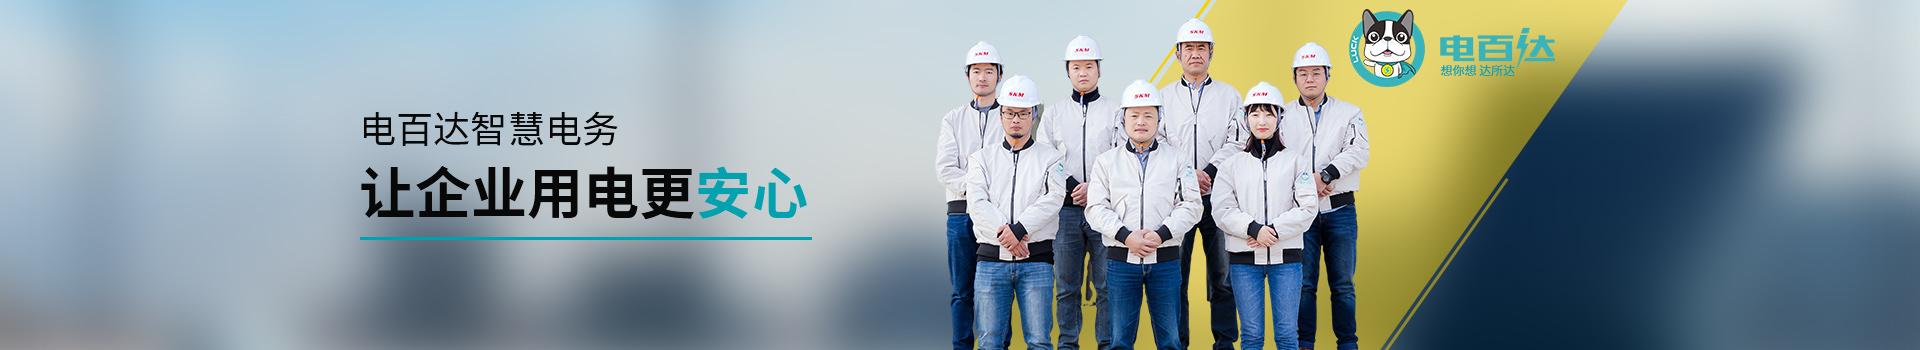 电百达智慧电务   让企业用电更安心